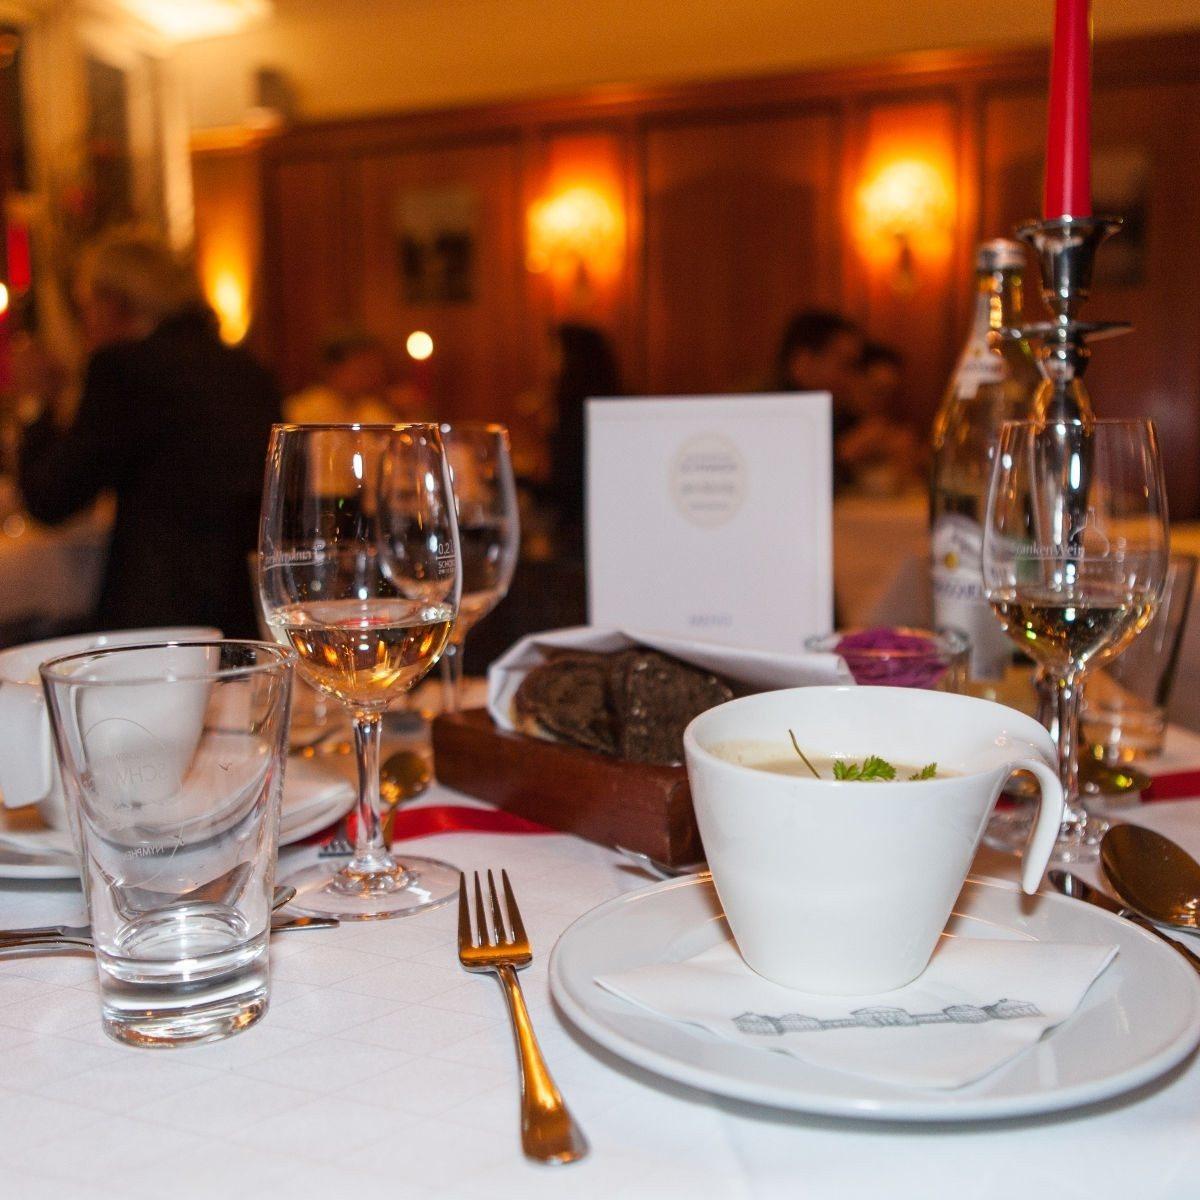 Sisi-Dinner für 2 München